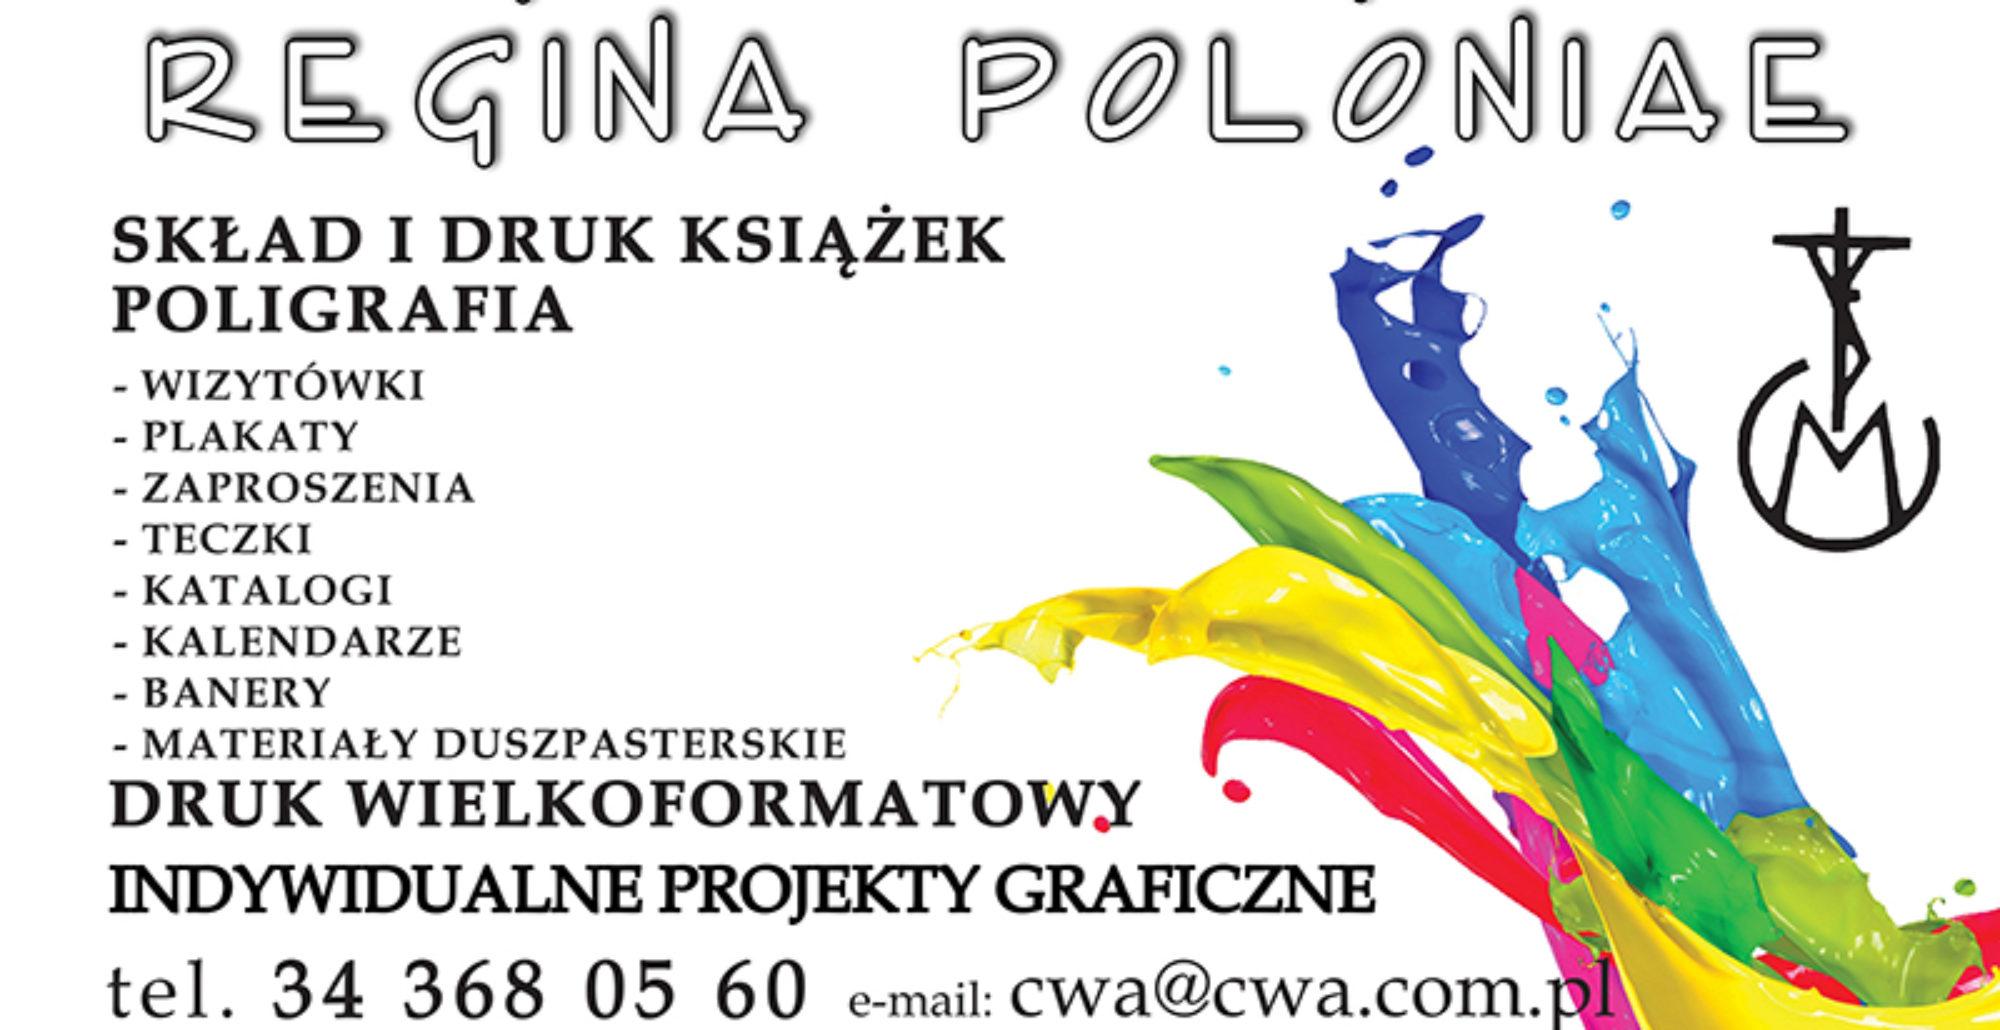 Częstochowskie Wydawnictwo Archidiecezjalne Regina Poloniae